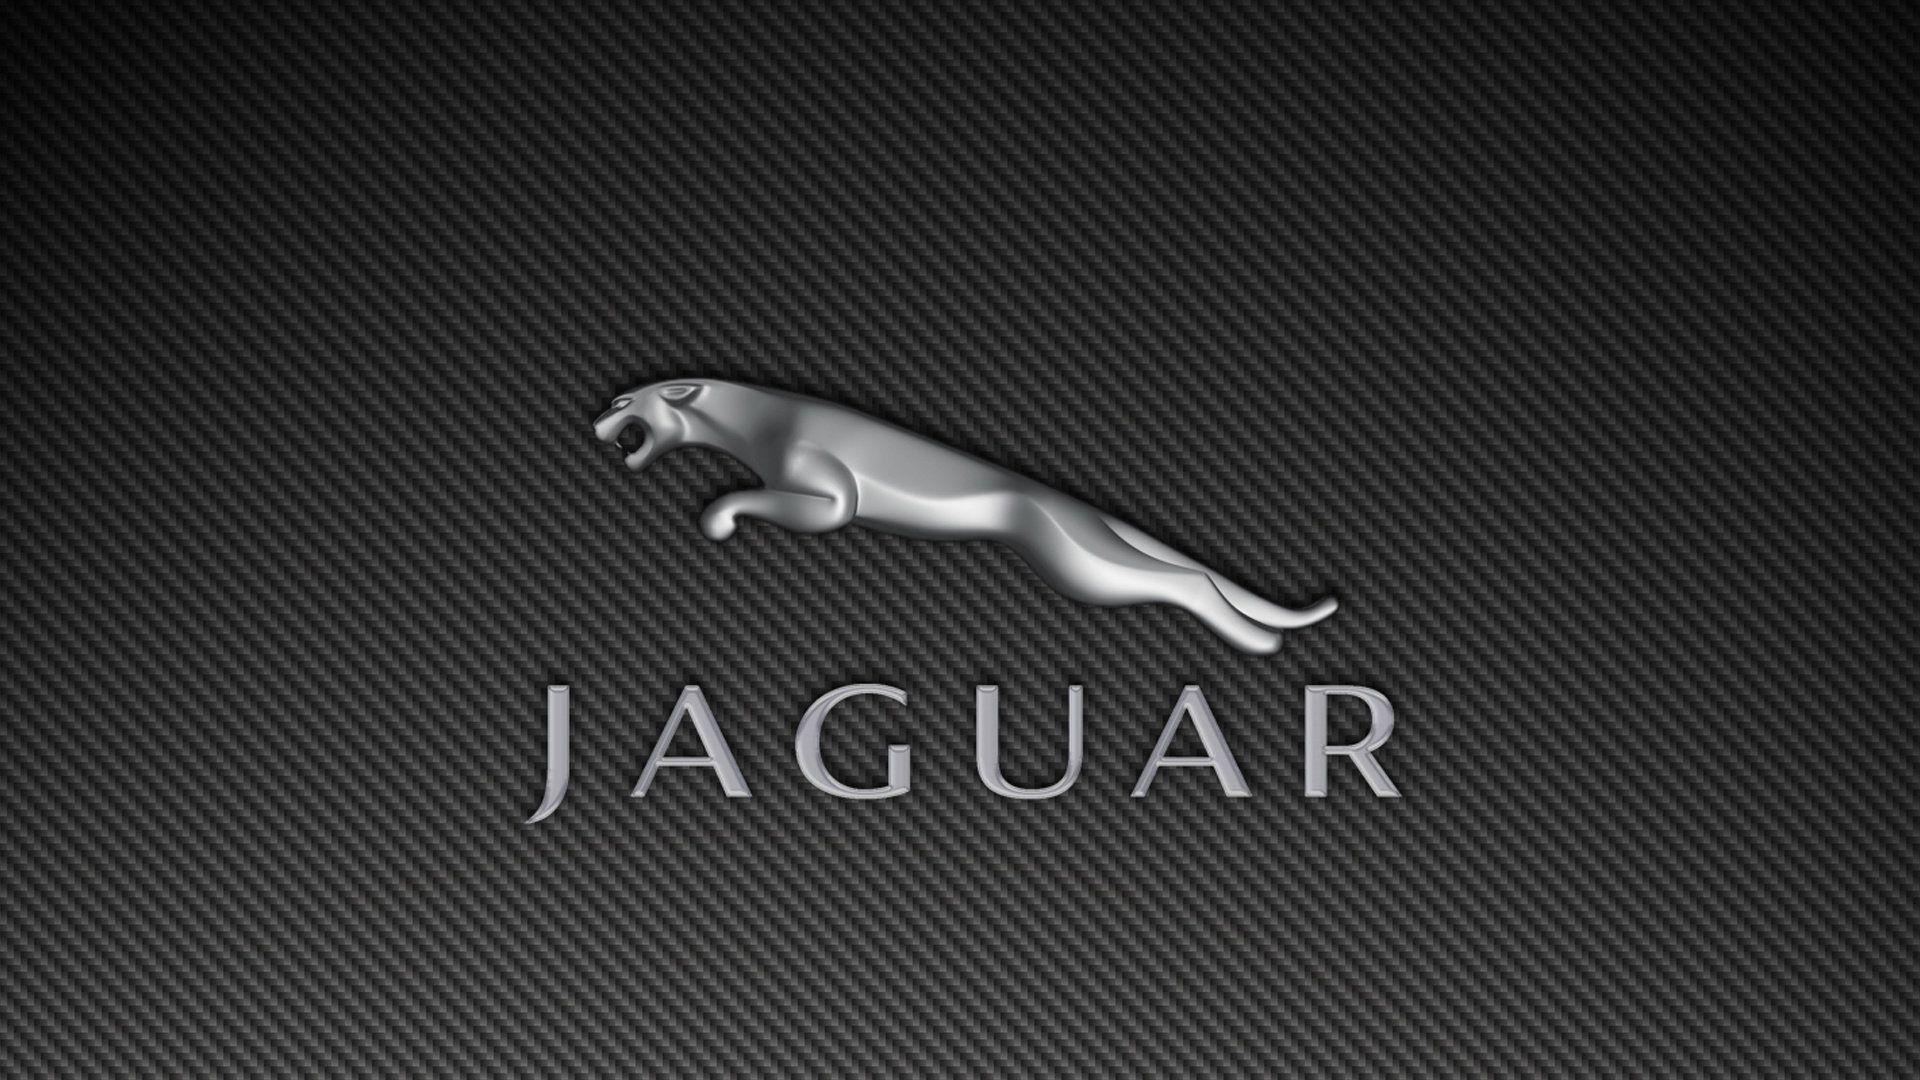 Jaguar Logo Hd Wallpaper 1080p Wallpaper My Daughter Love Jaguar